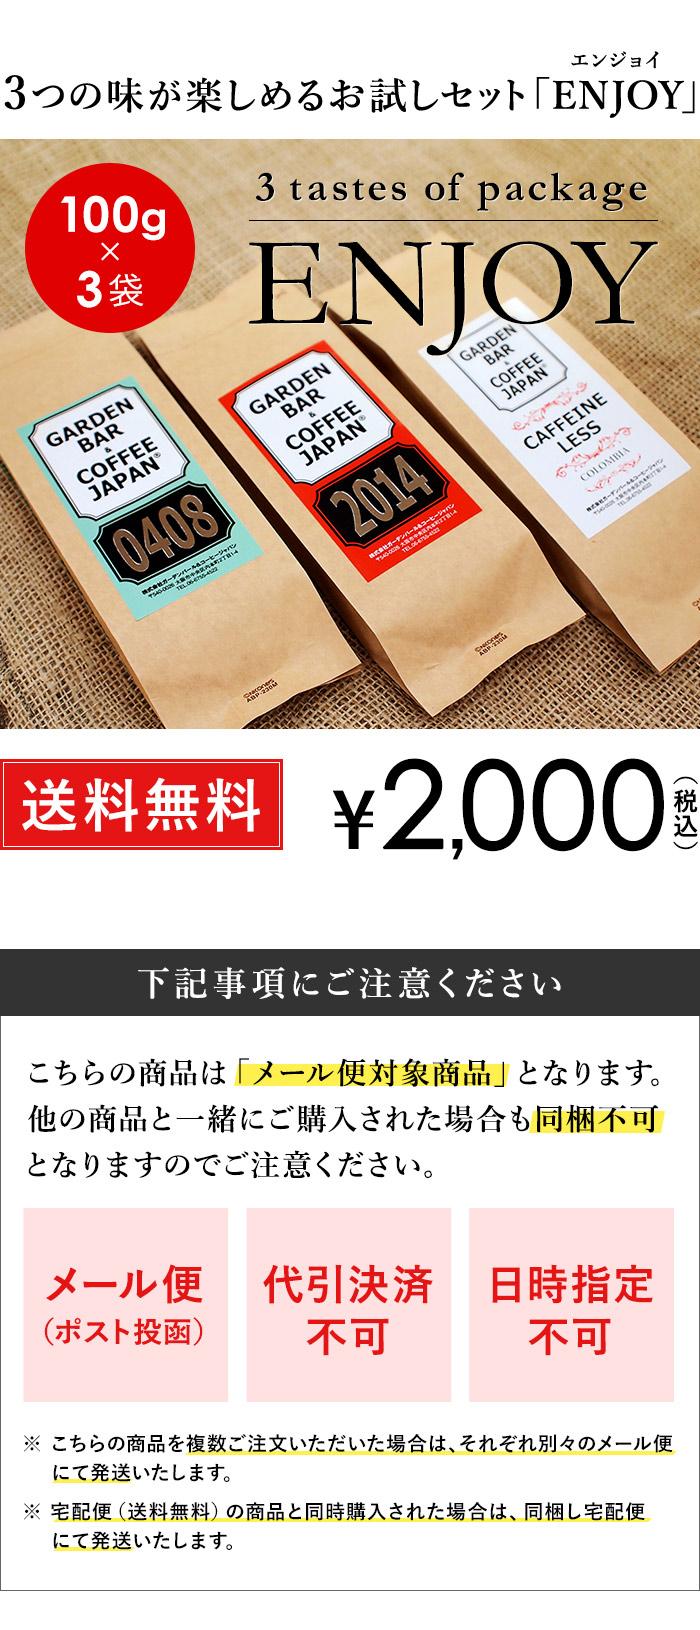 3つの味が楽しめるお試しセット「ENJOYエンジョイ」100g×3袋・送料無料・2000円(税込)